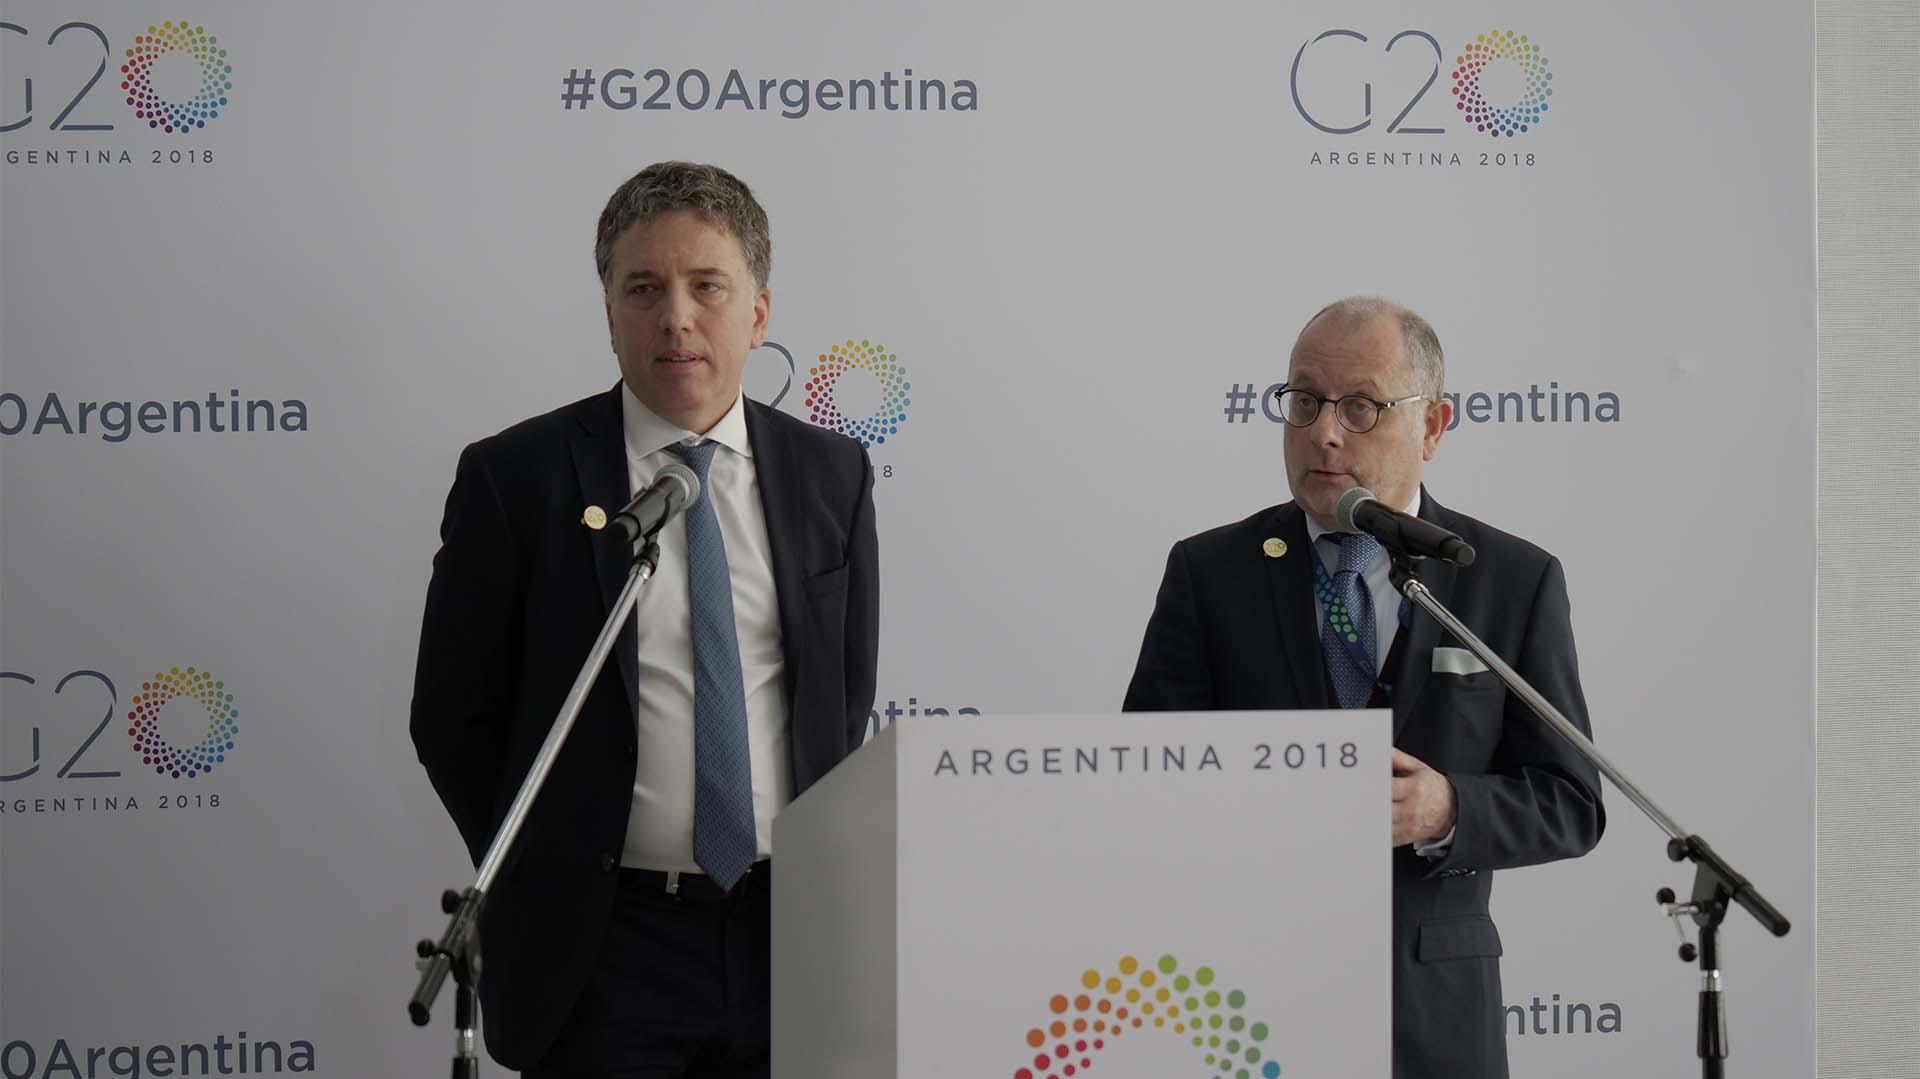 El ministro de Hacienda Nicolás Dujovne y el Canciller Jorge Faurie